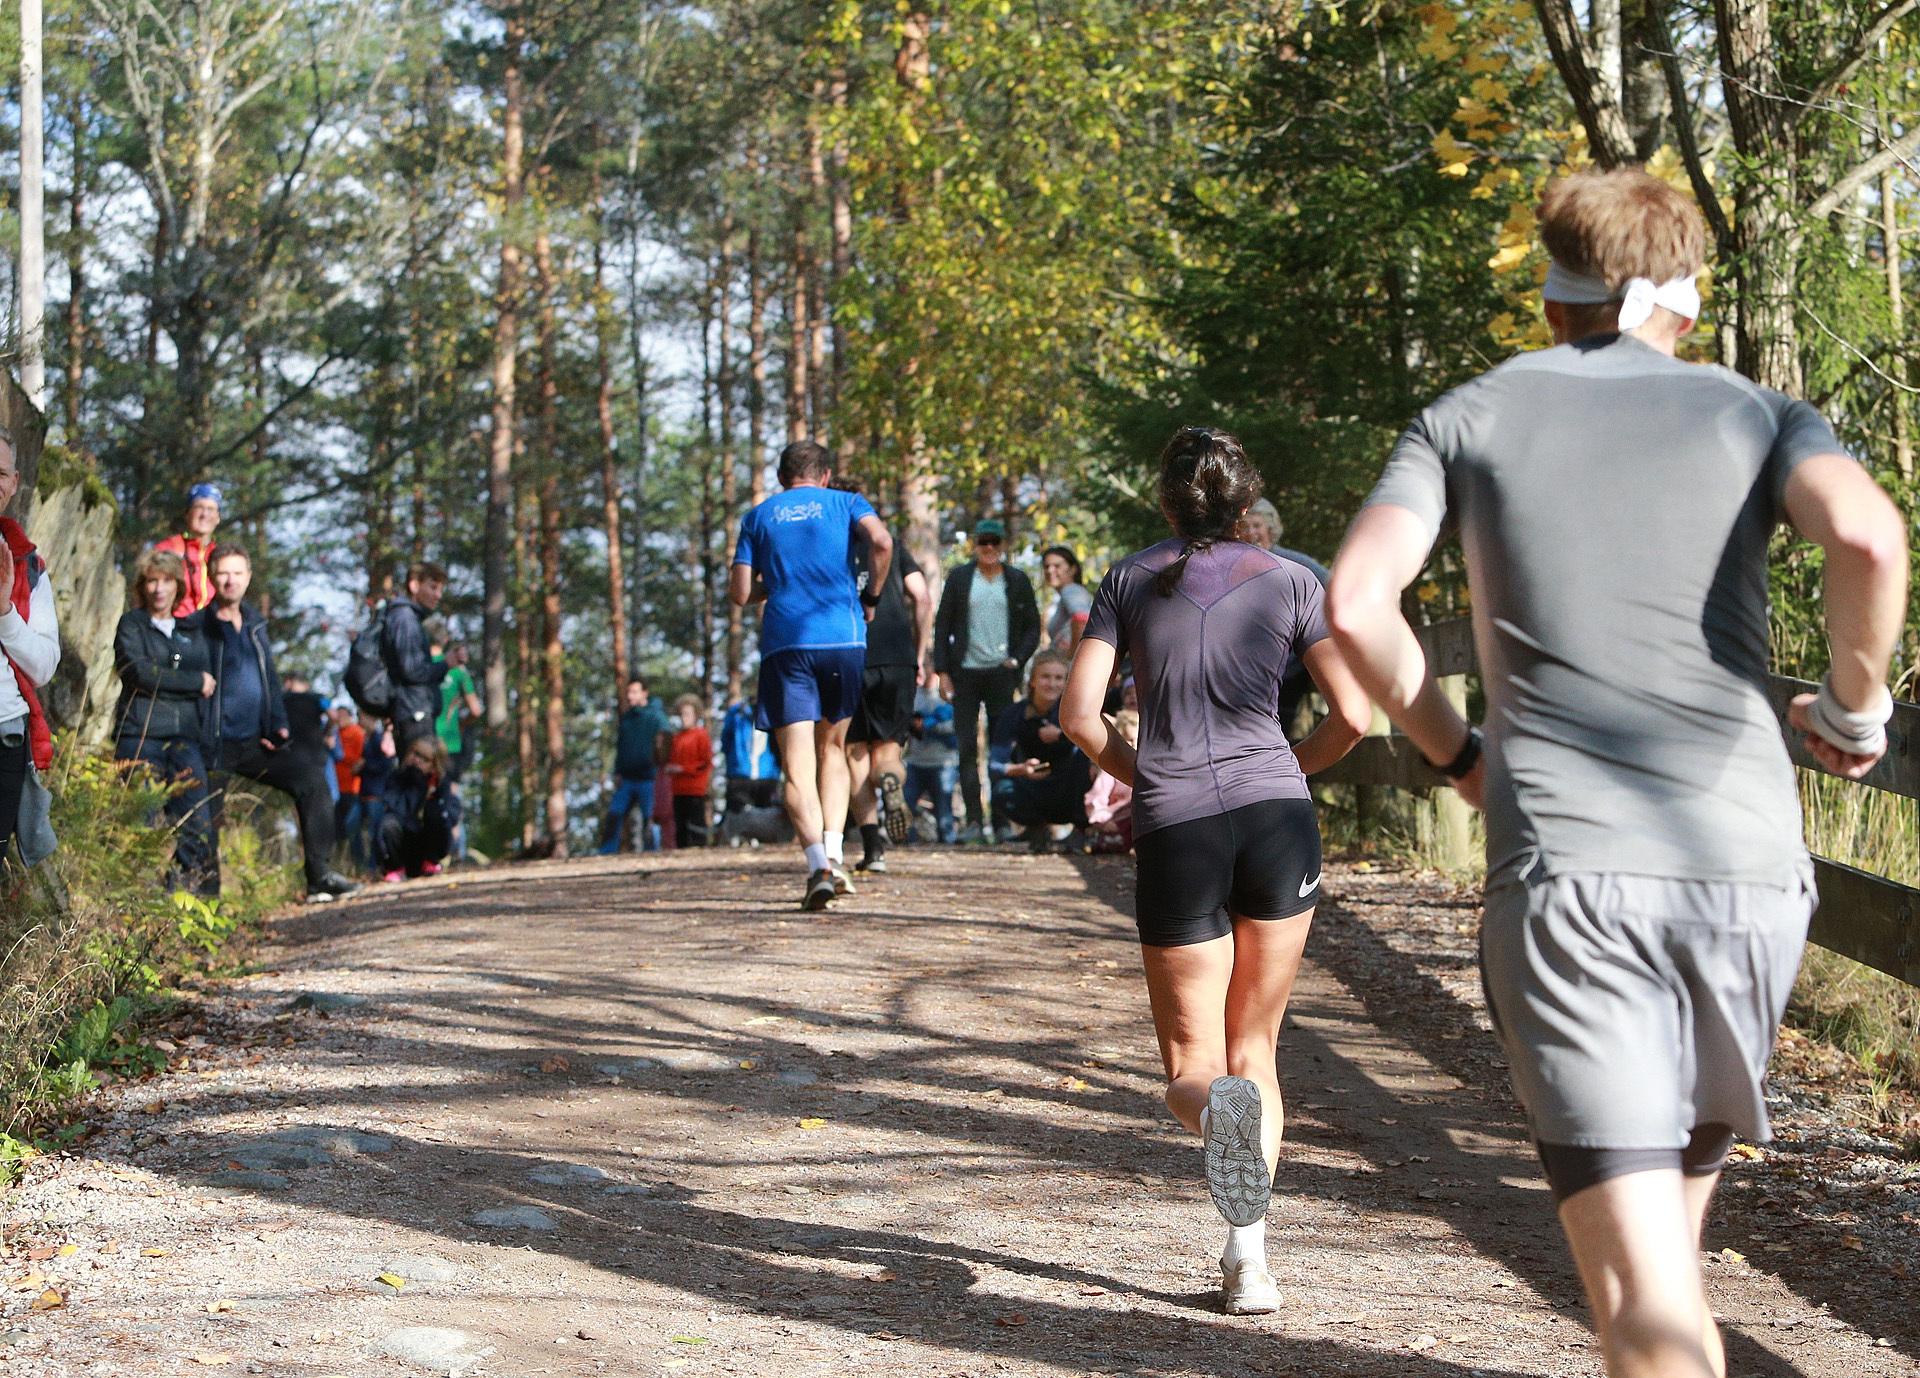 10km_bakkespurten_skuelystne_samlet_for_å_se_loepere_pine_seg_opp_AZ3T1426.jpg